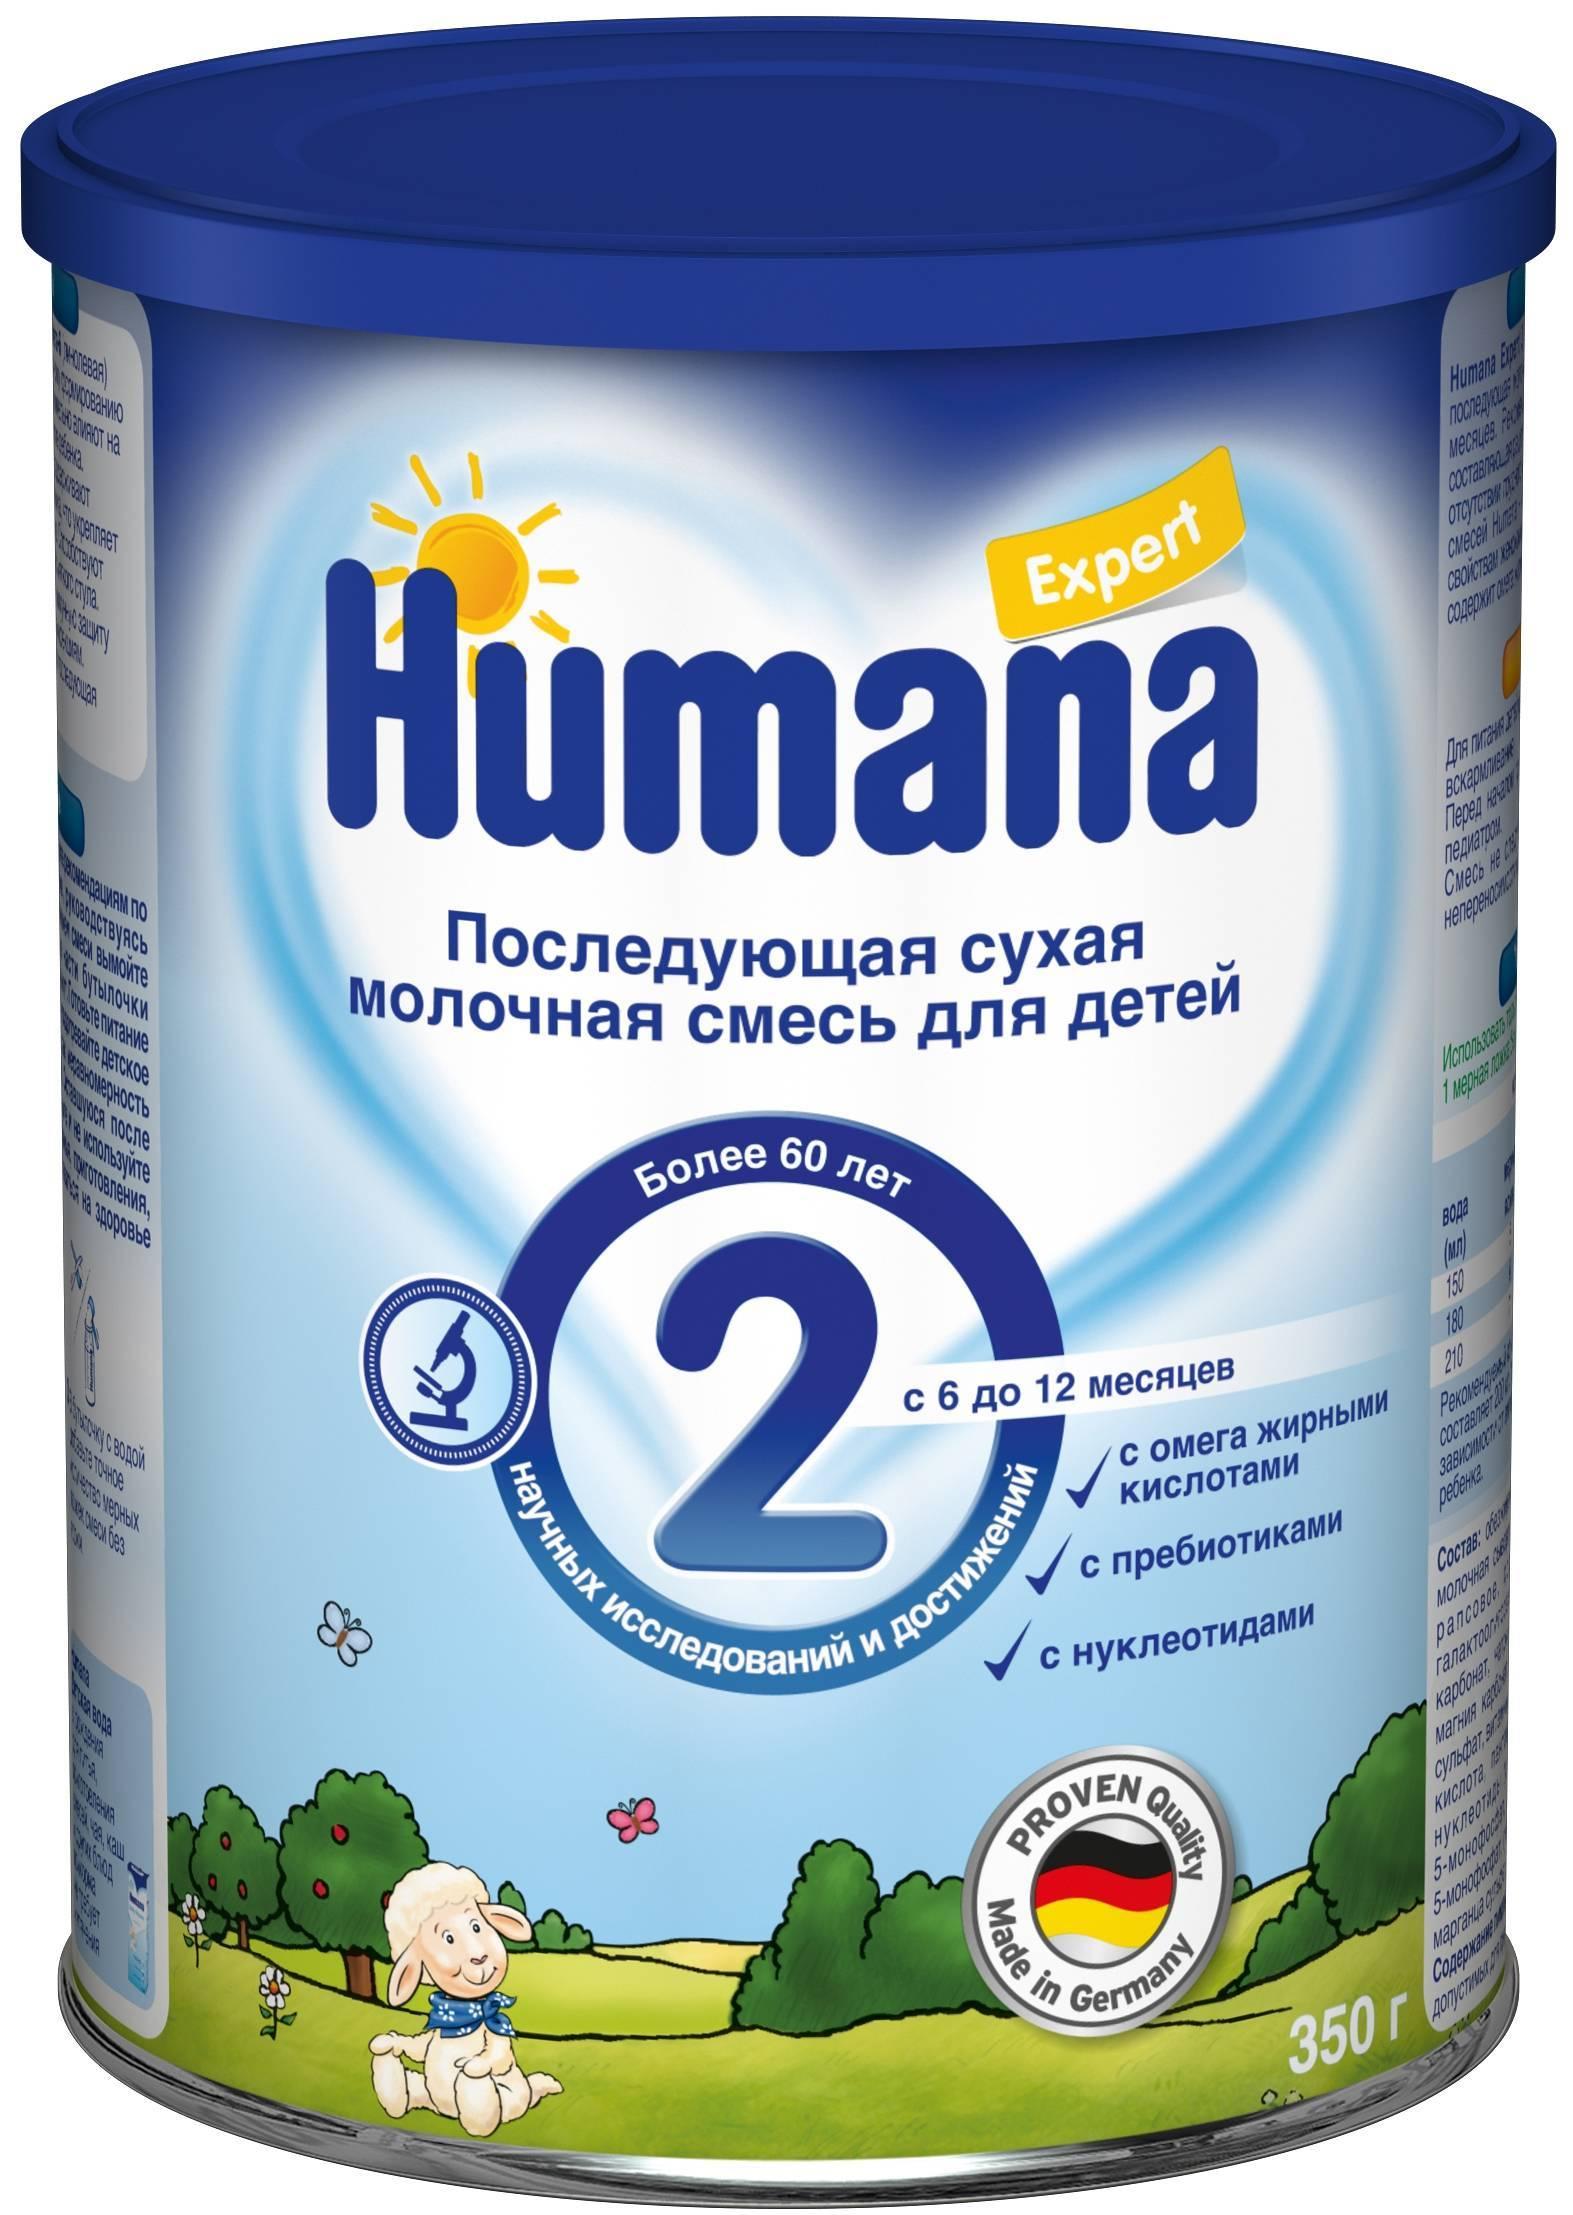 Адаптированная кисломолочная смесь «агуша-2»: как вводить и давать ребенку